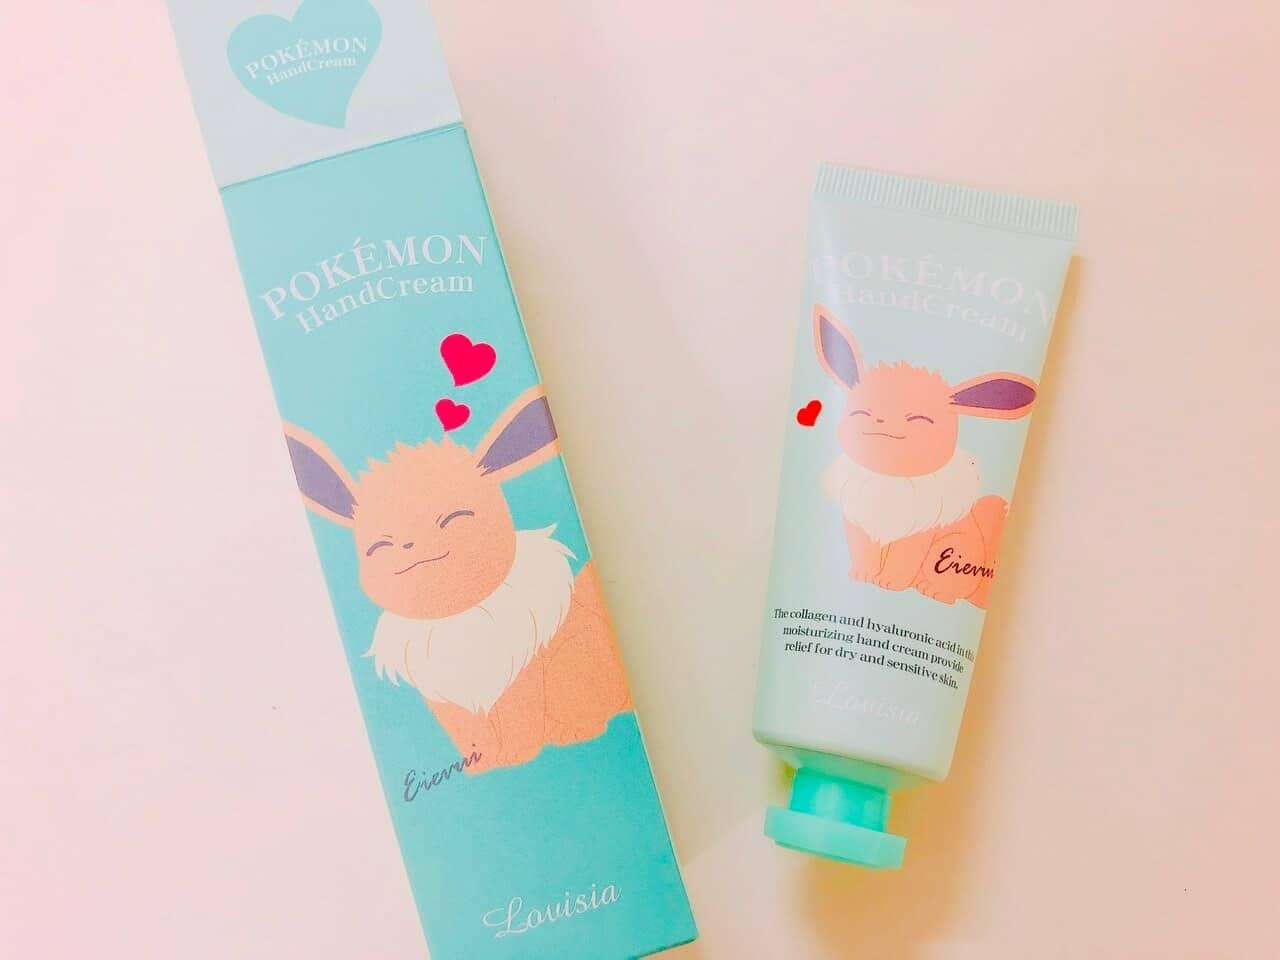 ポケモンハンドクリームが可愛くてしっとりサラサラ!